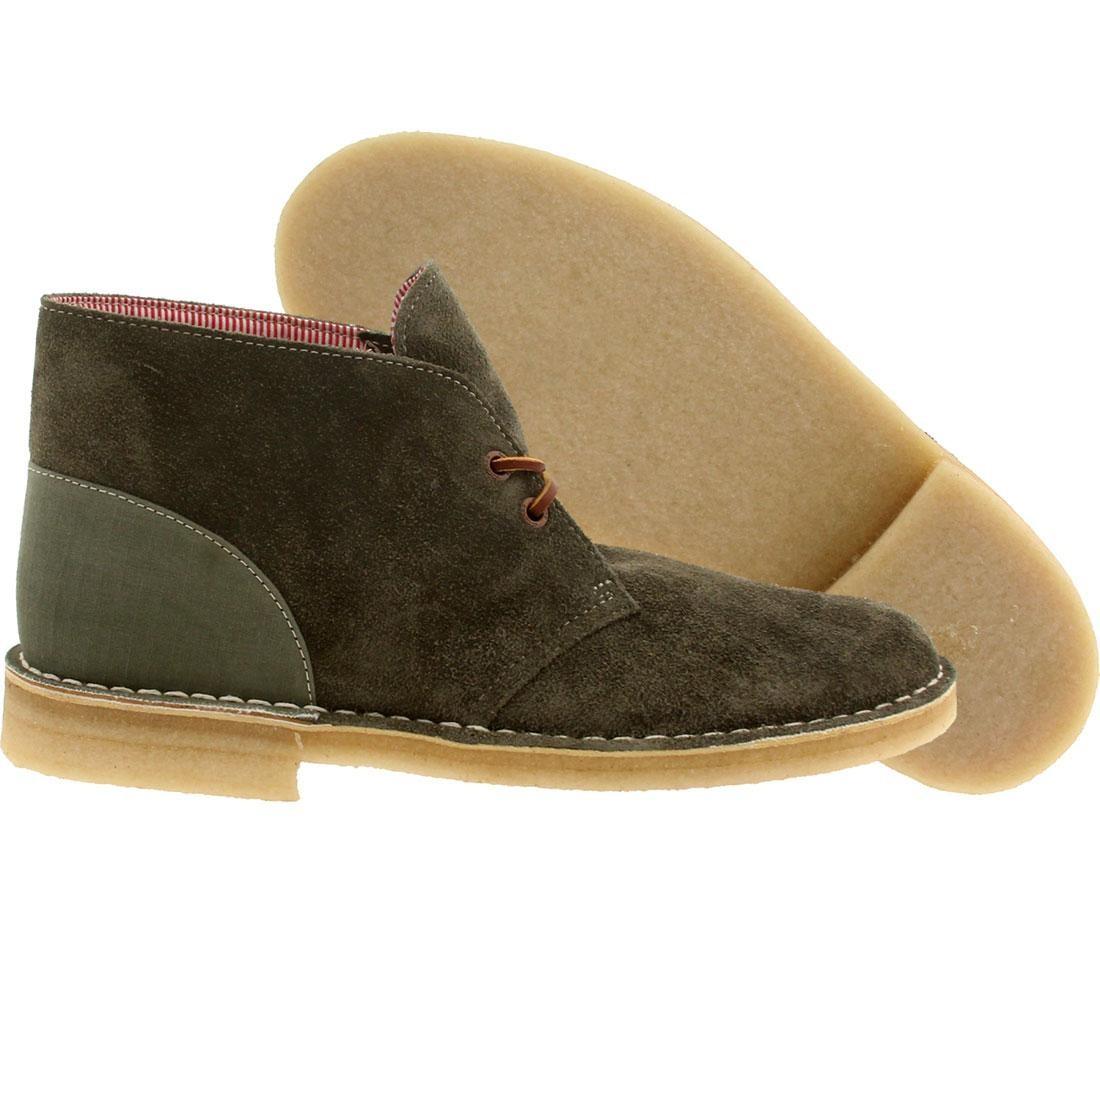 【海外限定】クラークス サプライ ブーツ 緑 グリーン 靴 メンズ靴 【 SUPPLY GREEN CLARKS X HERSCHEL CO MEN DESERT BOOT COMBI 】